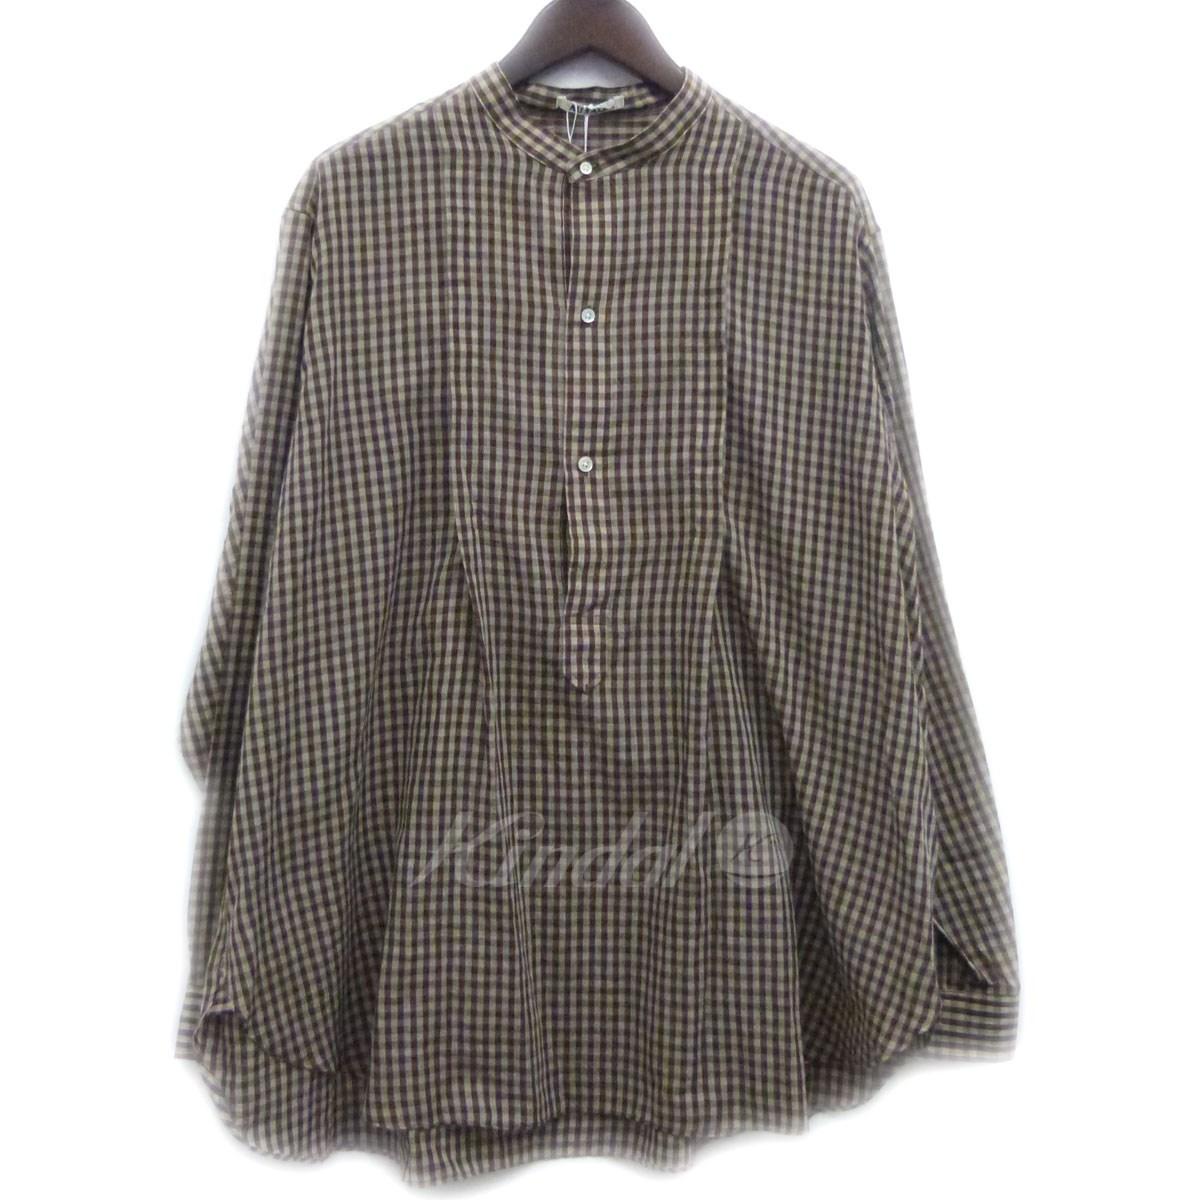 【中古】AURALEE 18SSノーカラープルオーバーチェックシャツ 【送料無料】 【054643】 【銅】